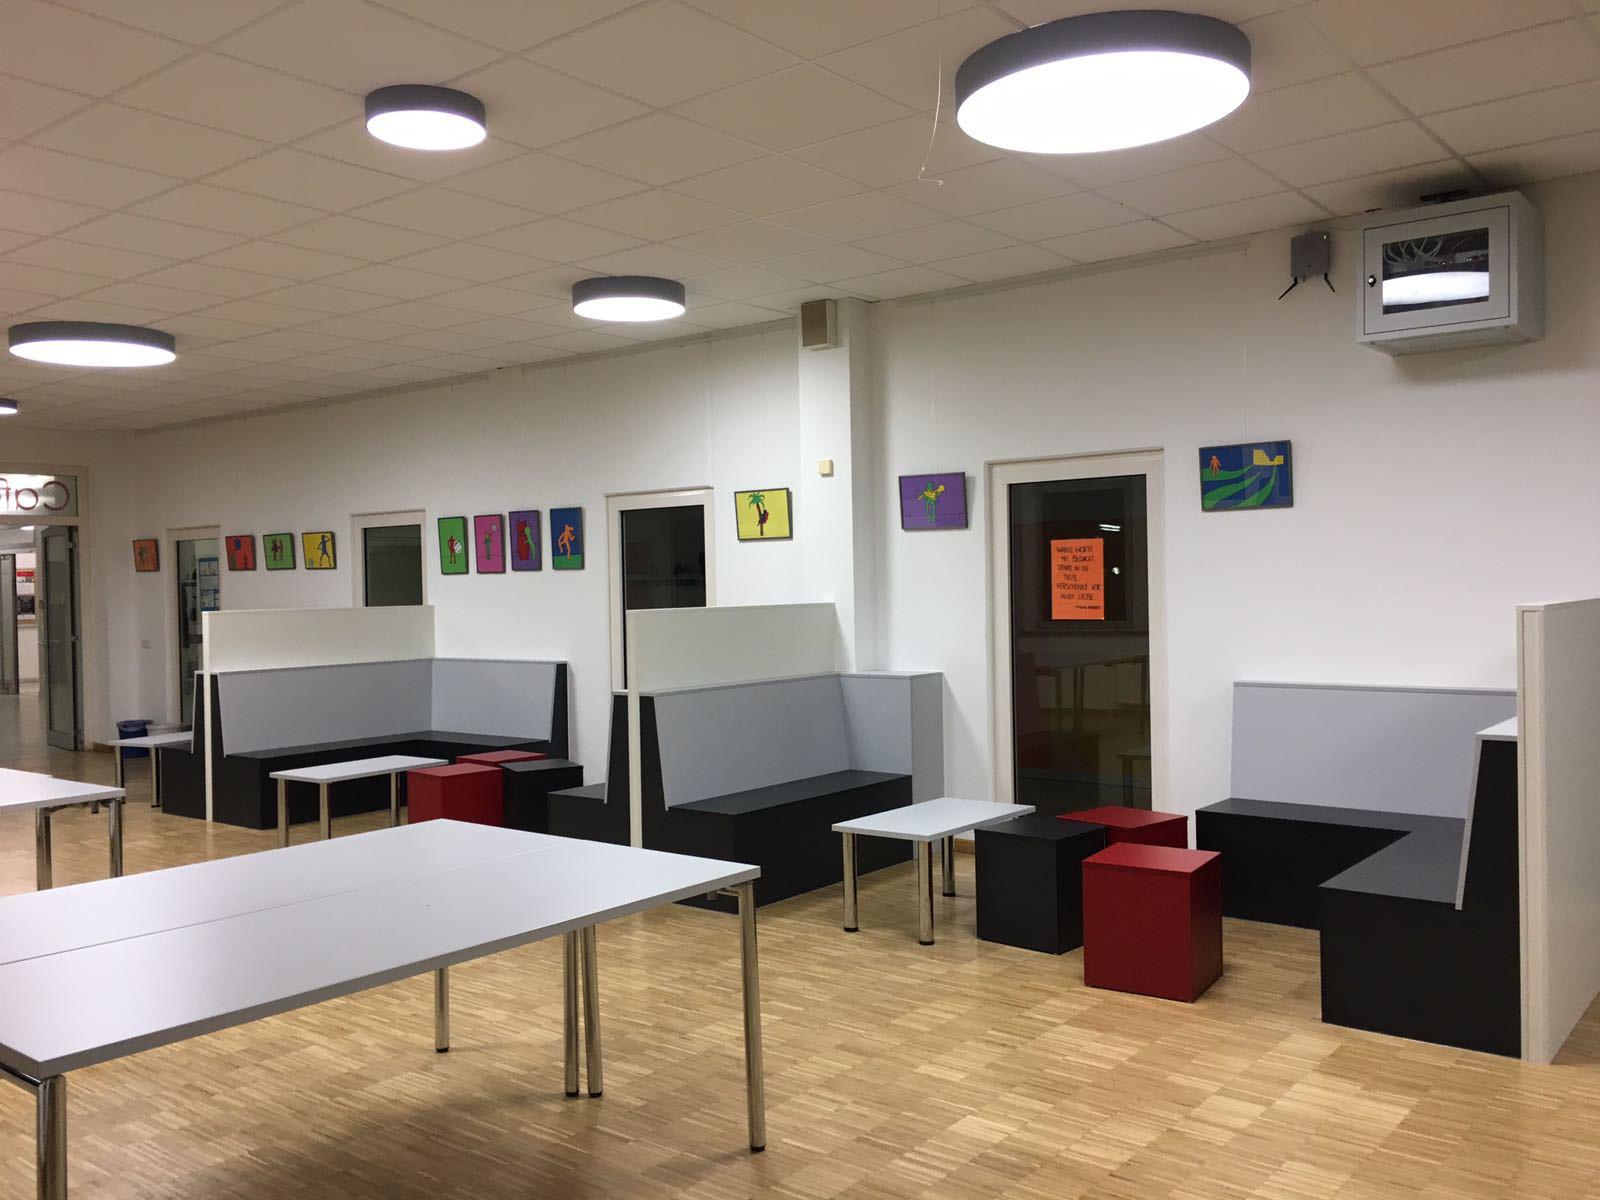 Neuer Fußboden Modernisierung ~ Modernisierung u fitness club ringwiese